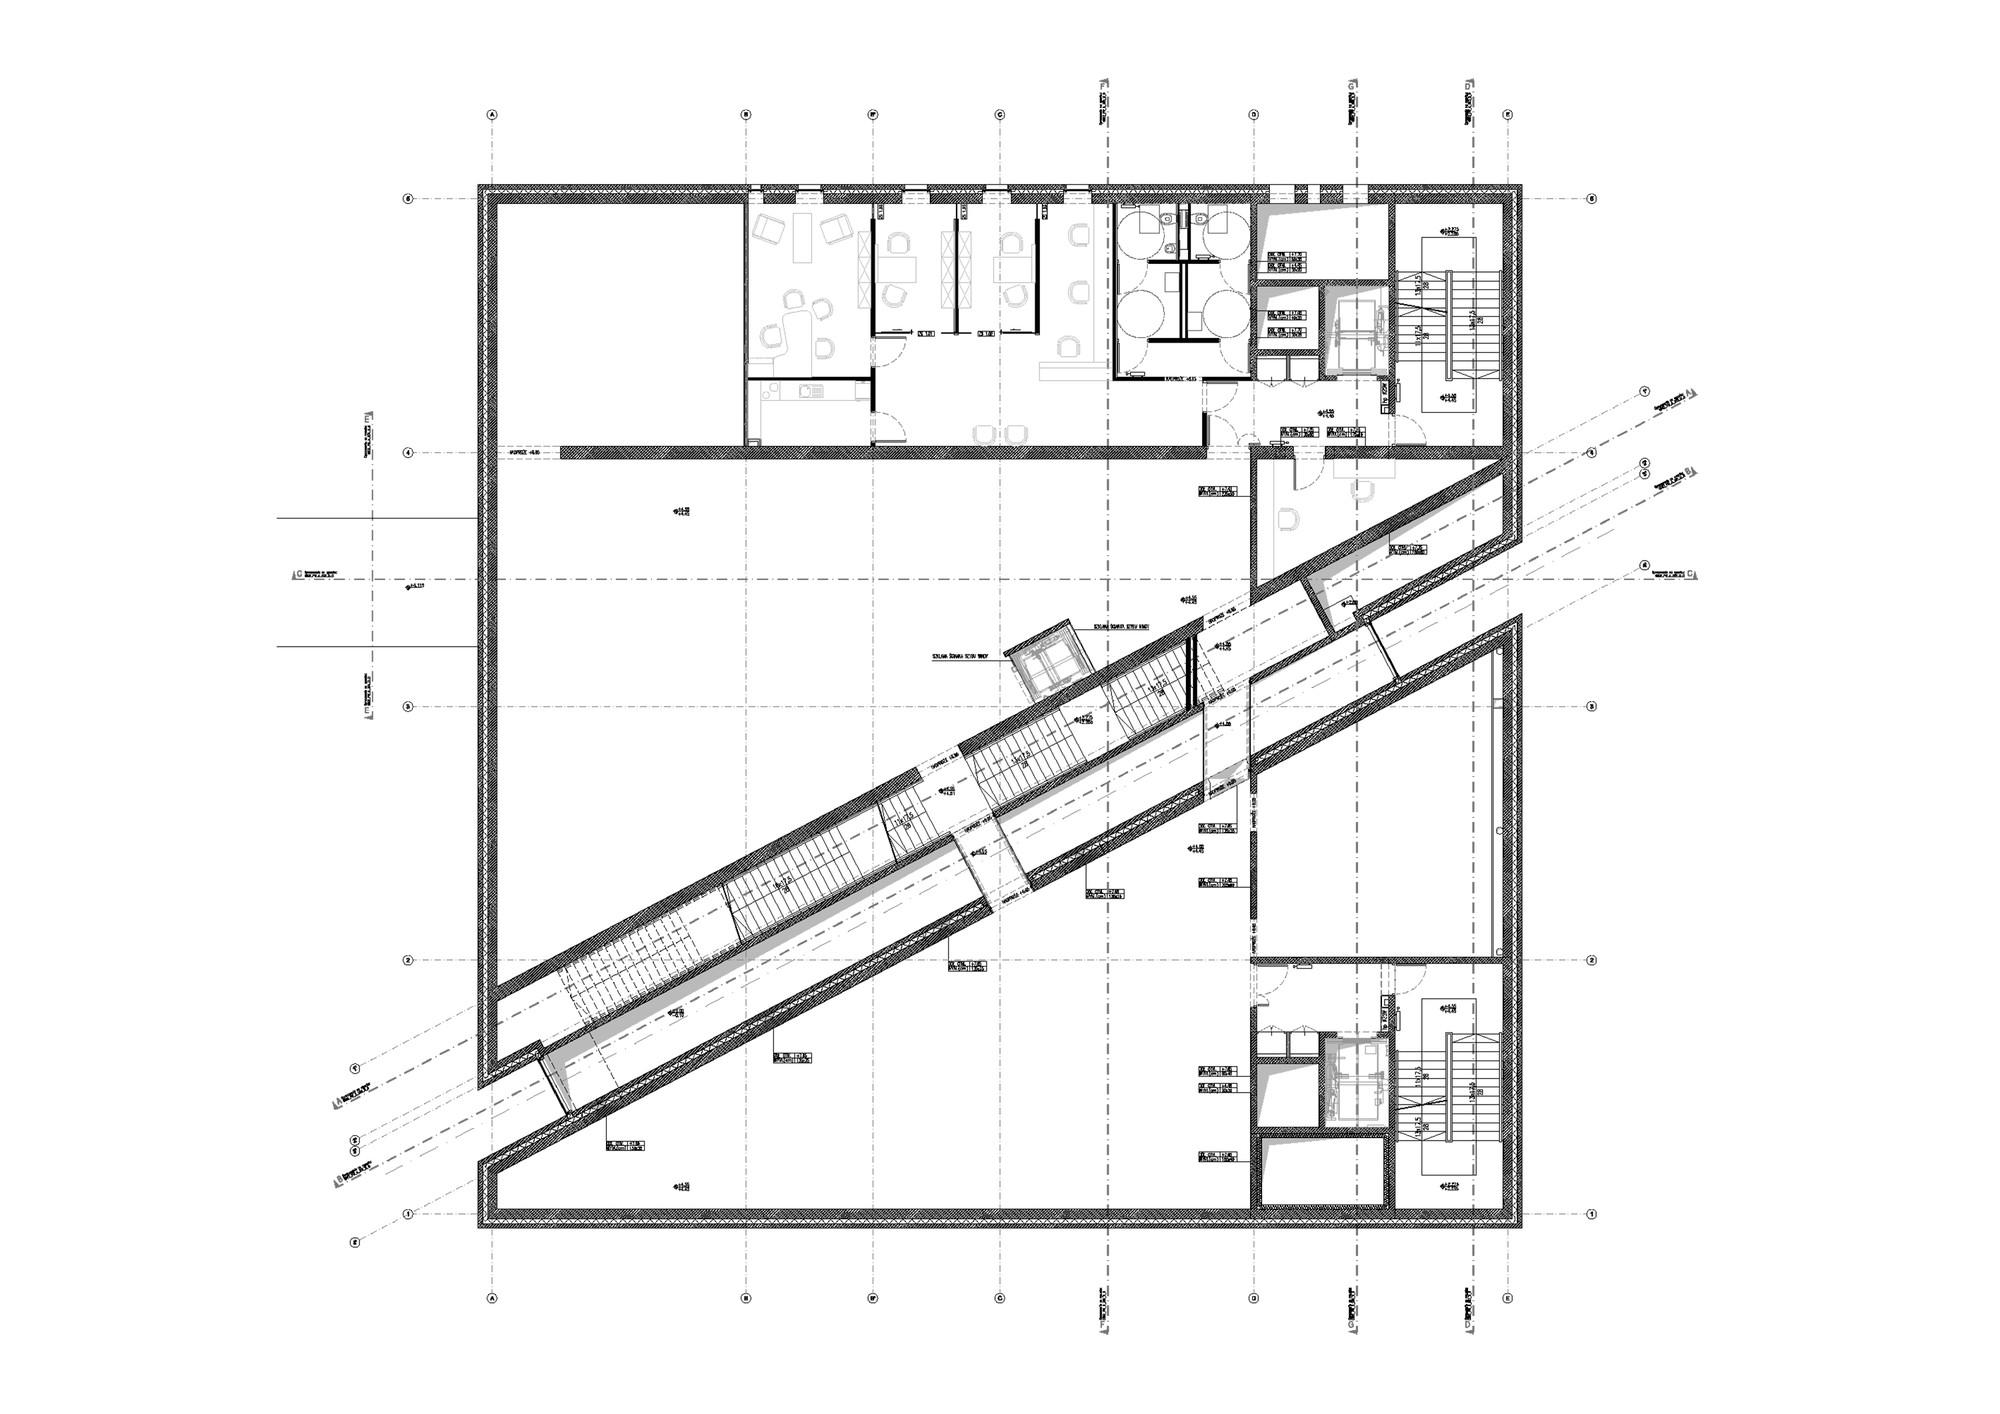 Galer a de ichot puerta de poznan ad artis architects 36 for Ad architects